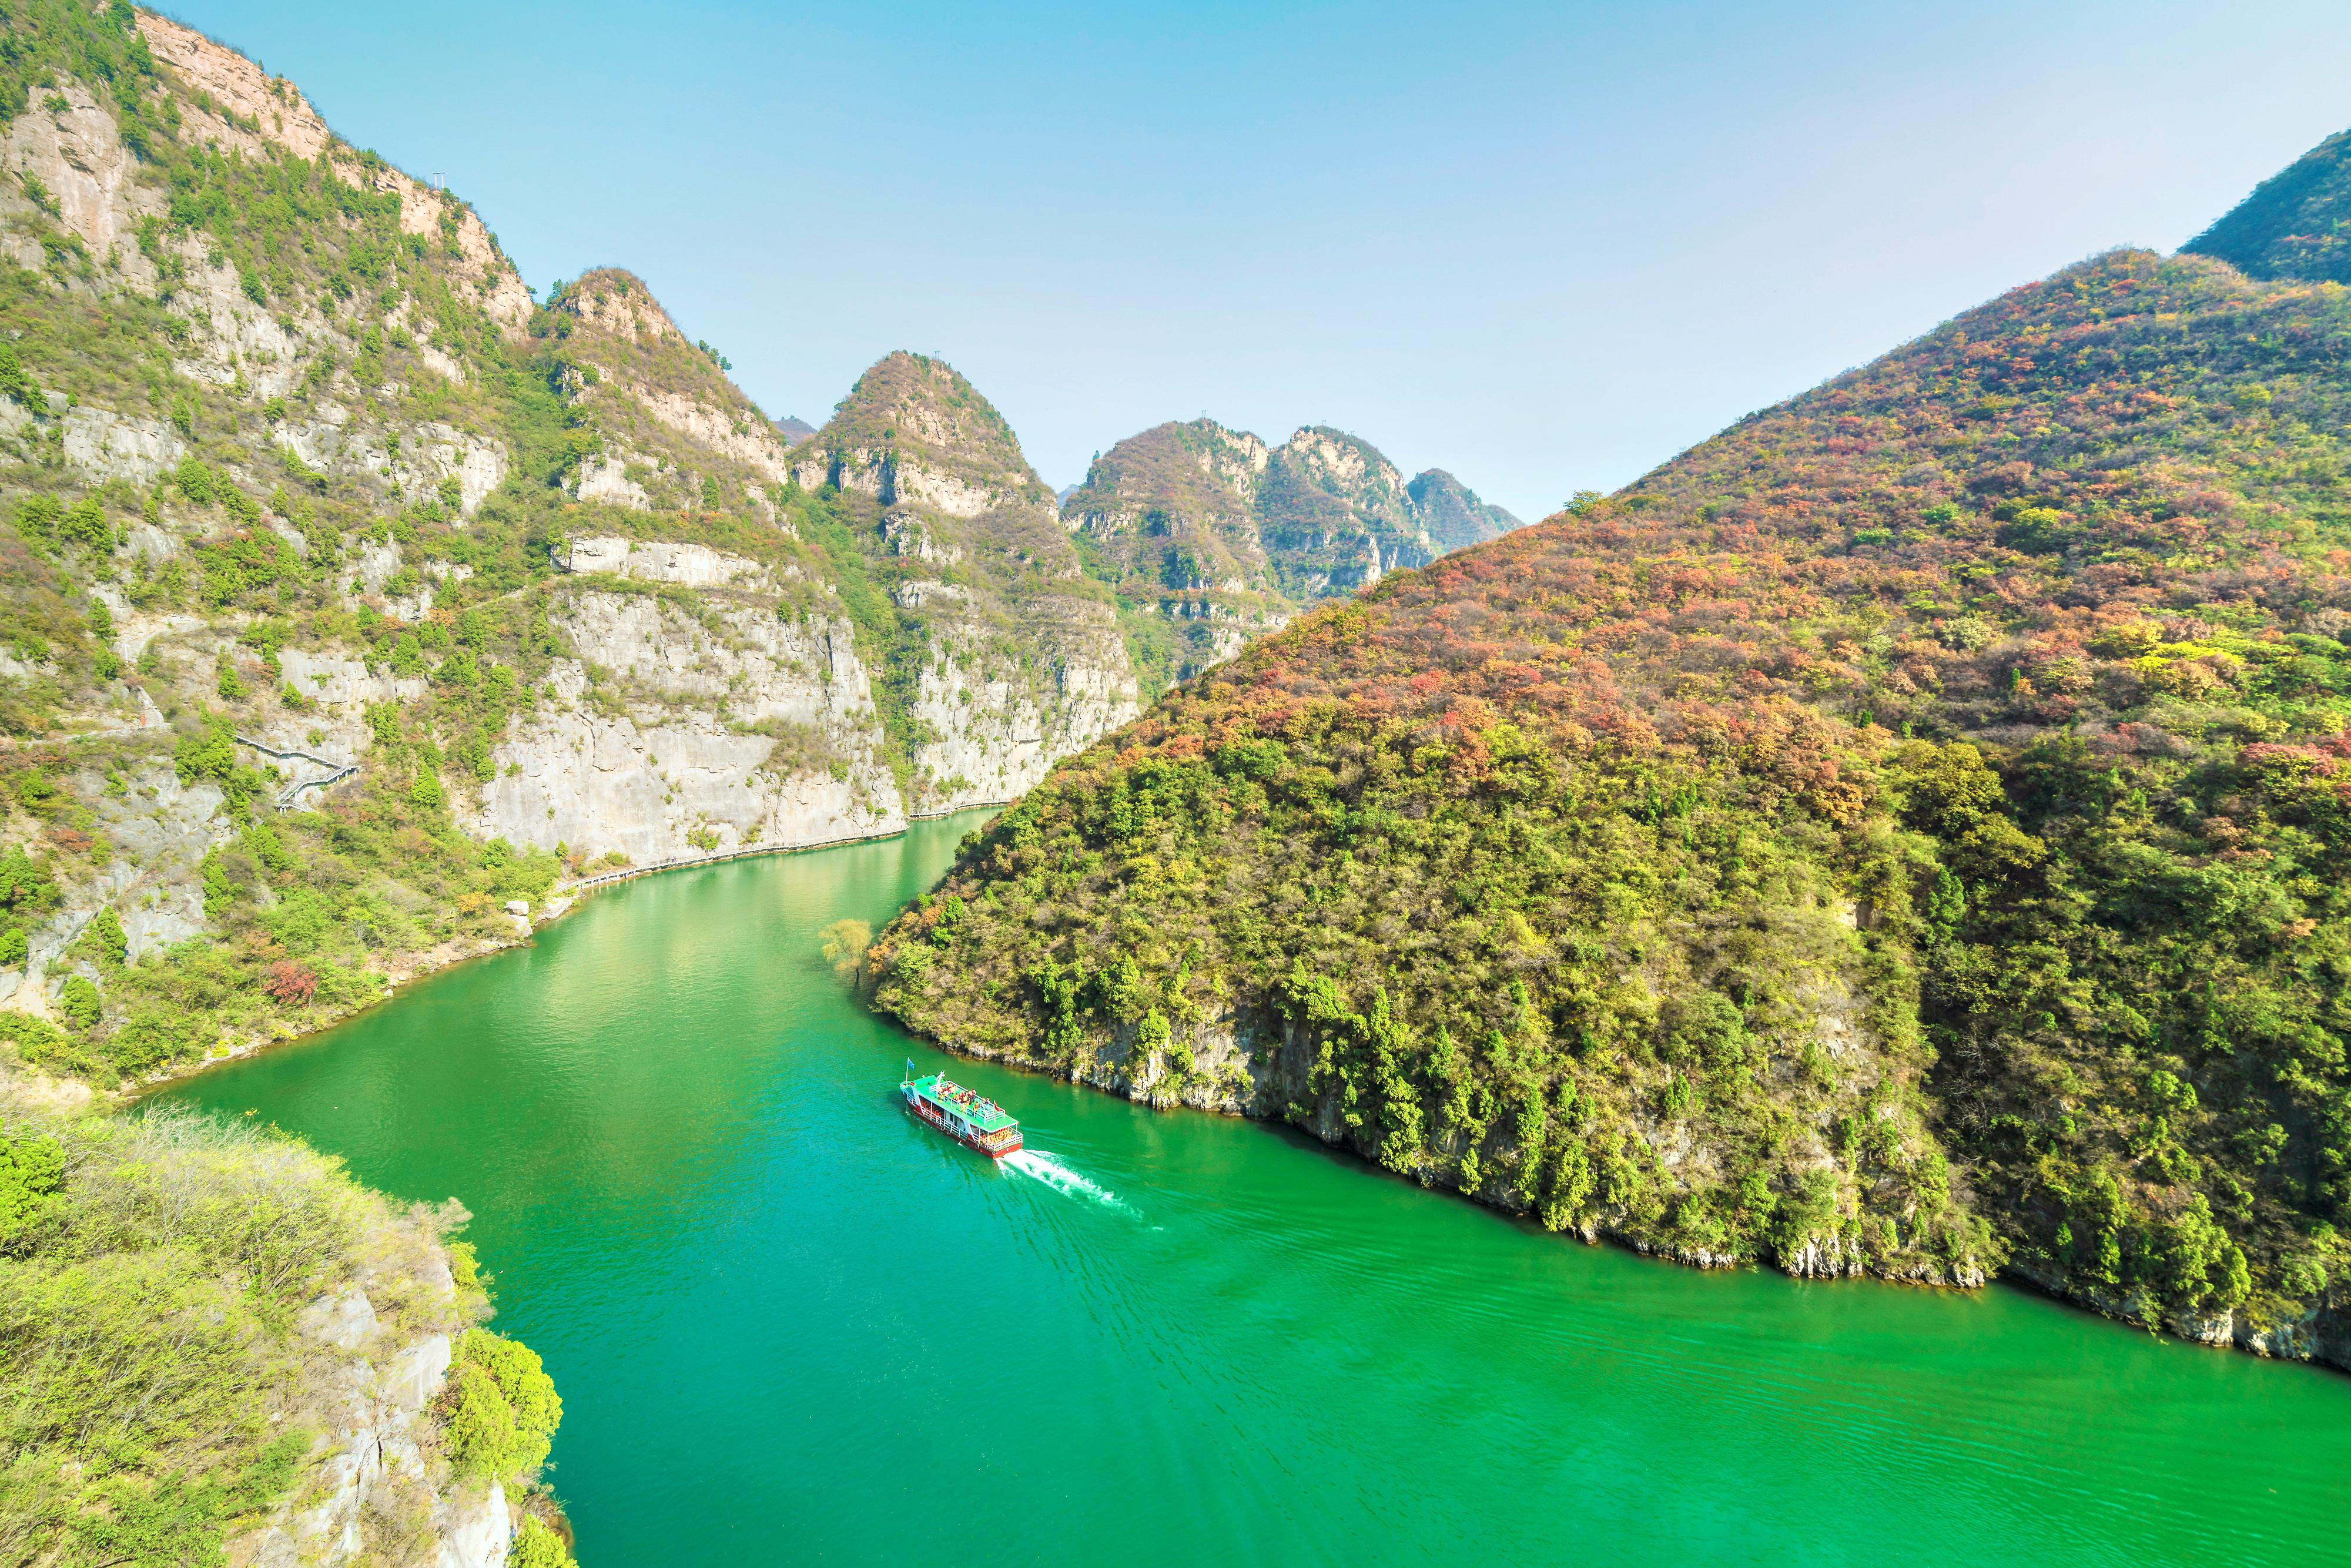 Qingtian River